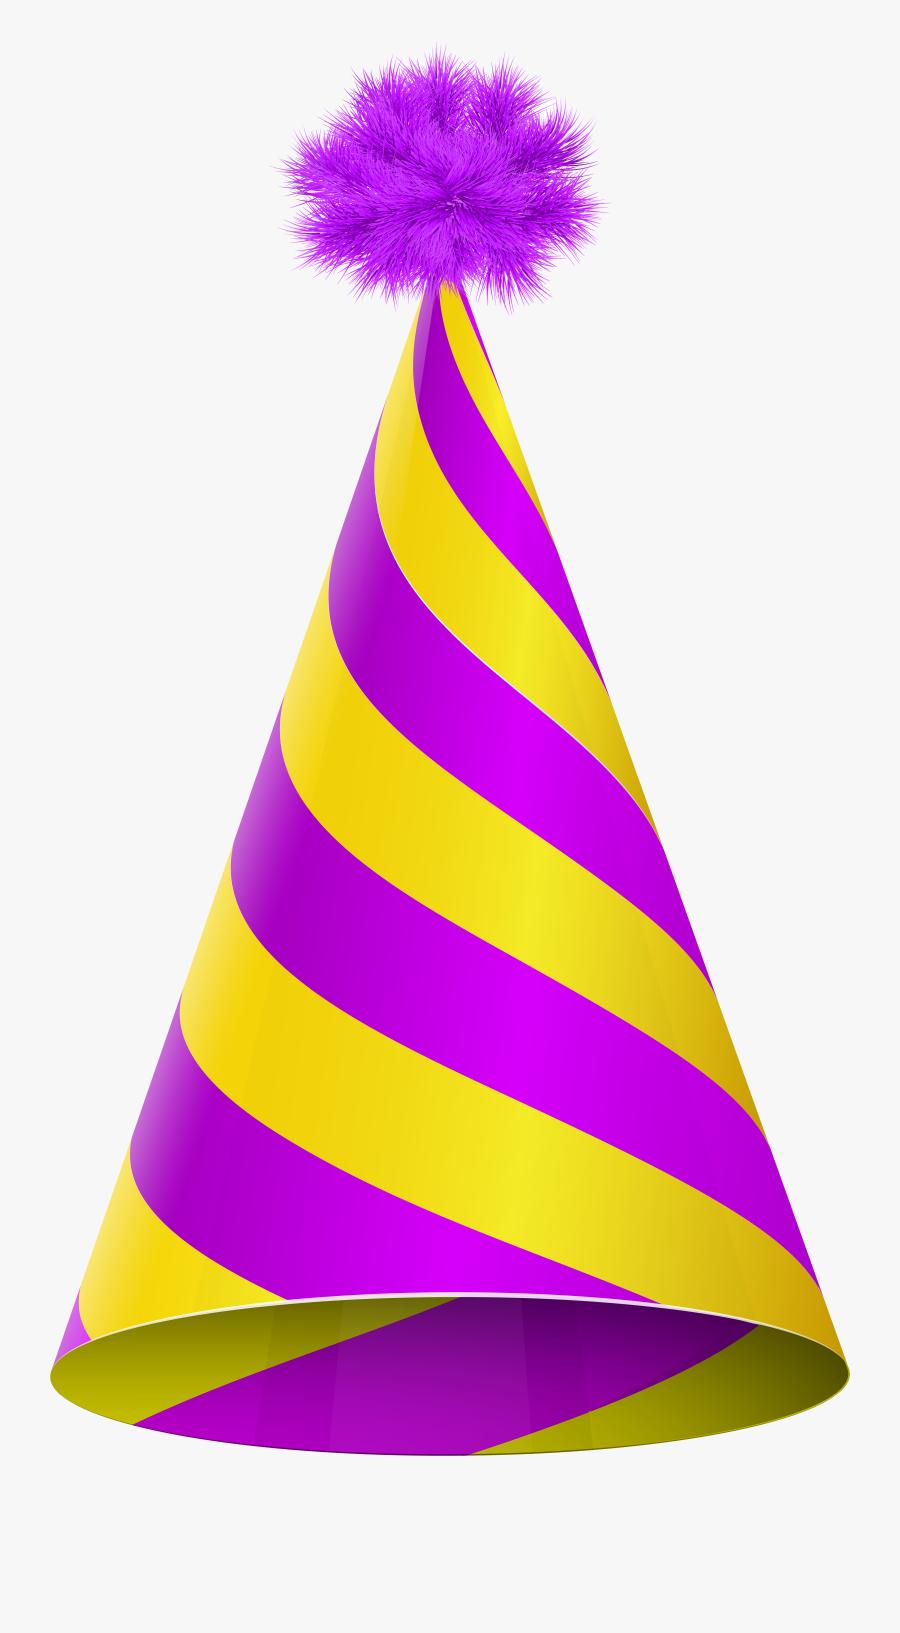 Party Hat Purple Yellow Transparent Clip Art Image - Purple Party Hat Png, Transparent Clipart